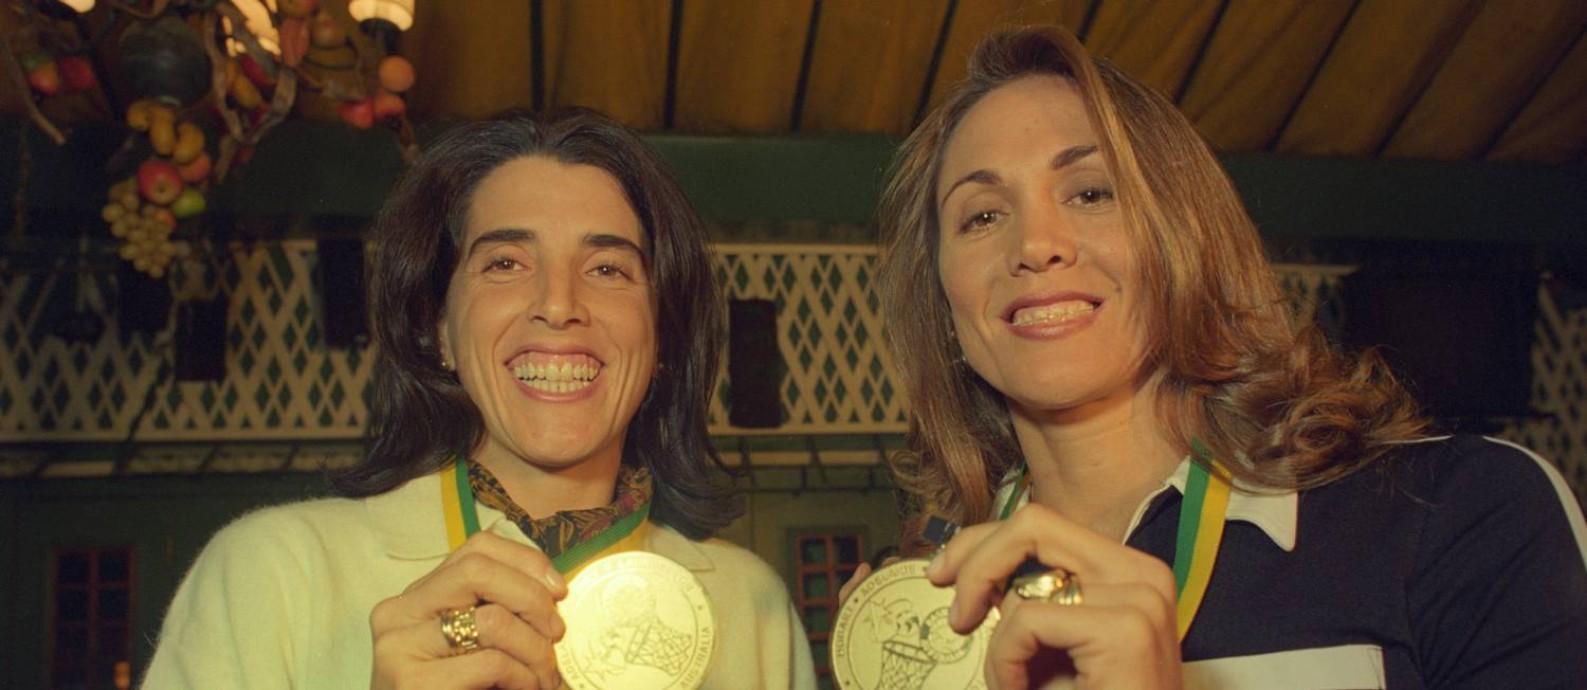 Paula e Hortência exibem a medalha do Mundial de basquete logo após a conquista em 1994 Foto: Marcos Issa (arquivo)